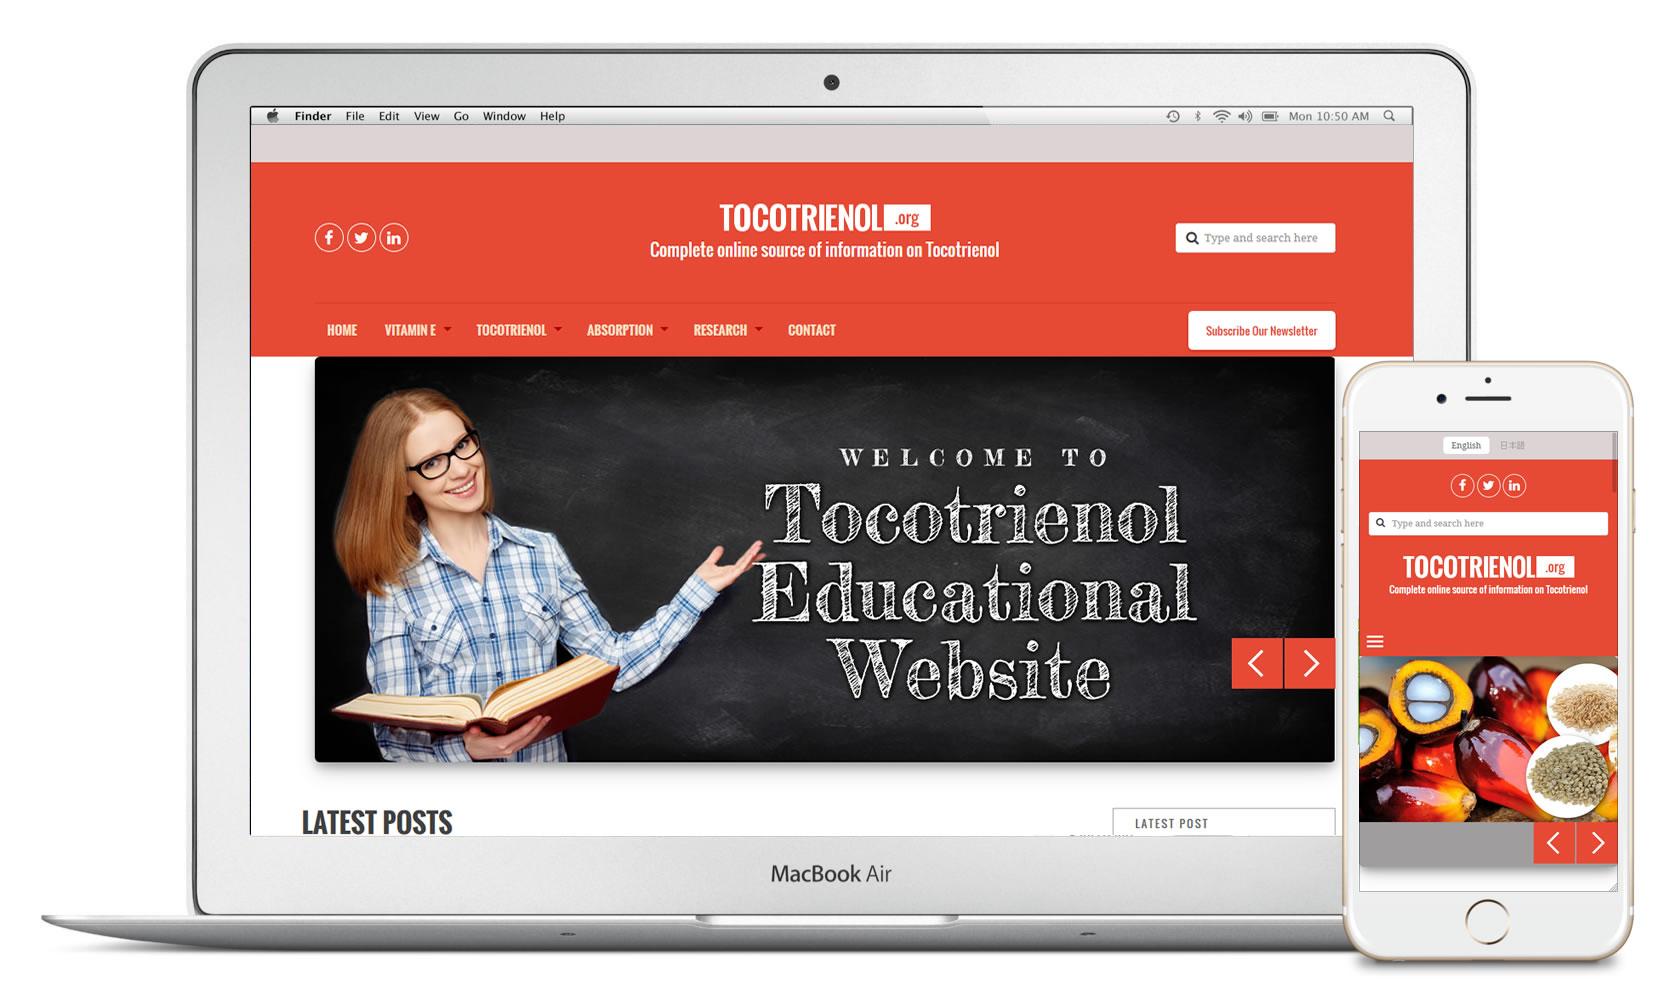 Tocotrienol website